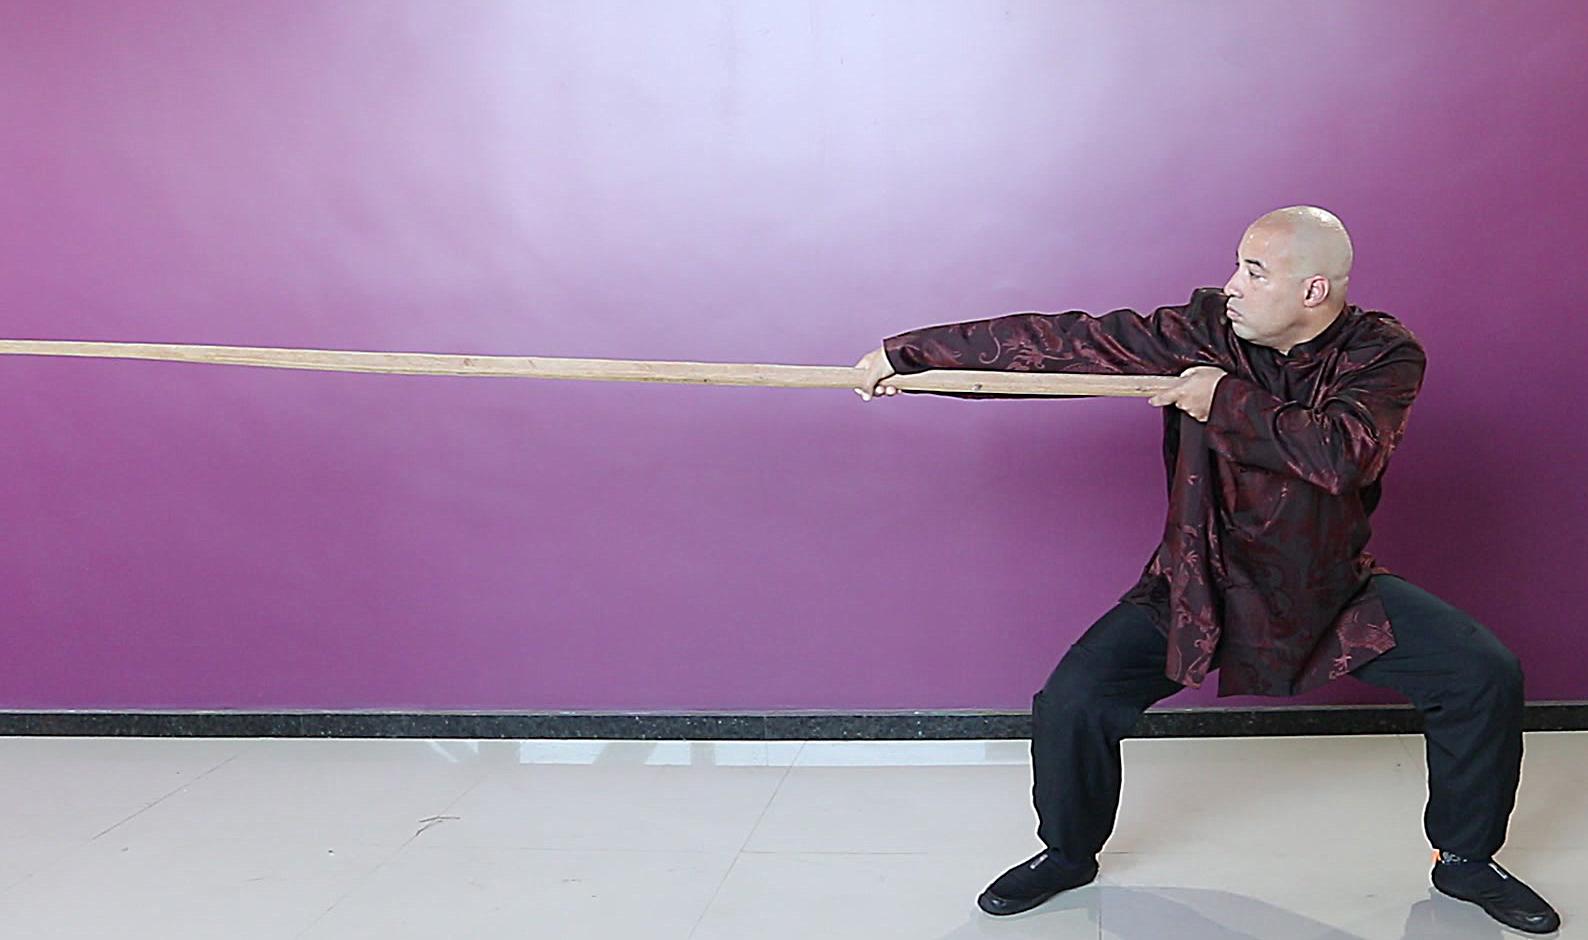 5. Bai Dak Lei - Luk Dim Bun Gwon